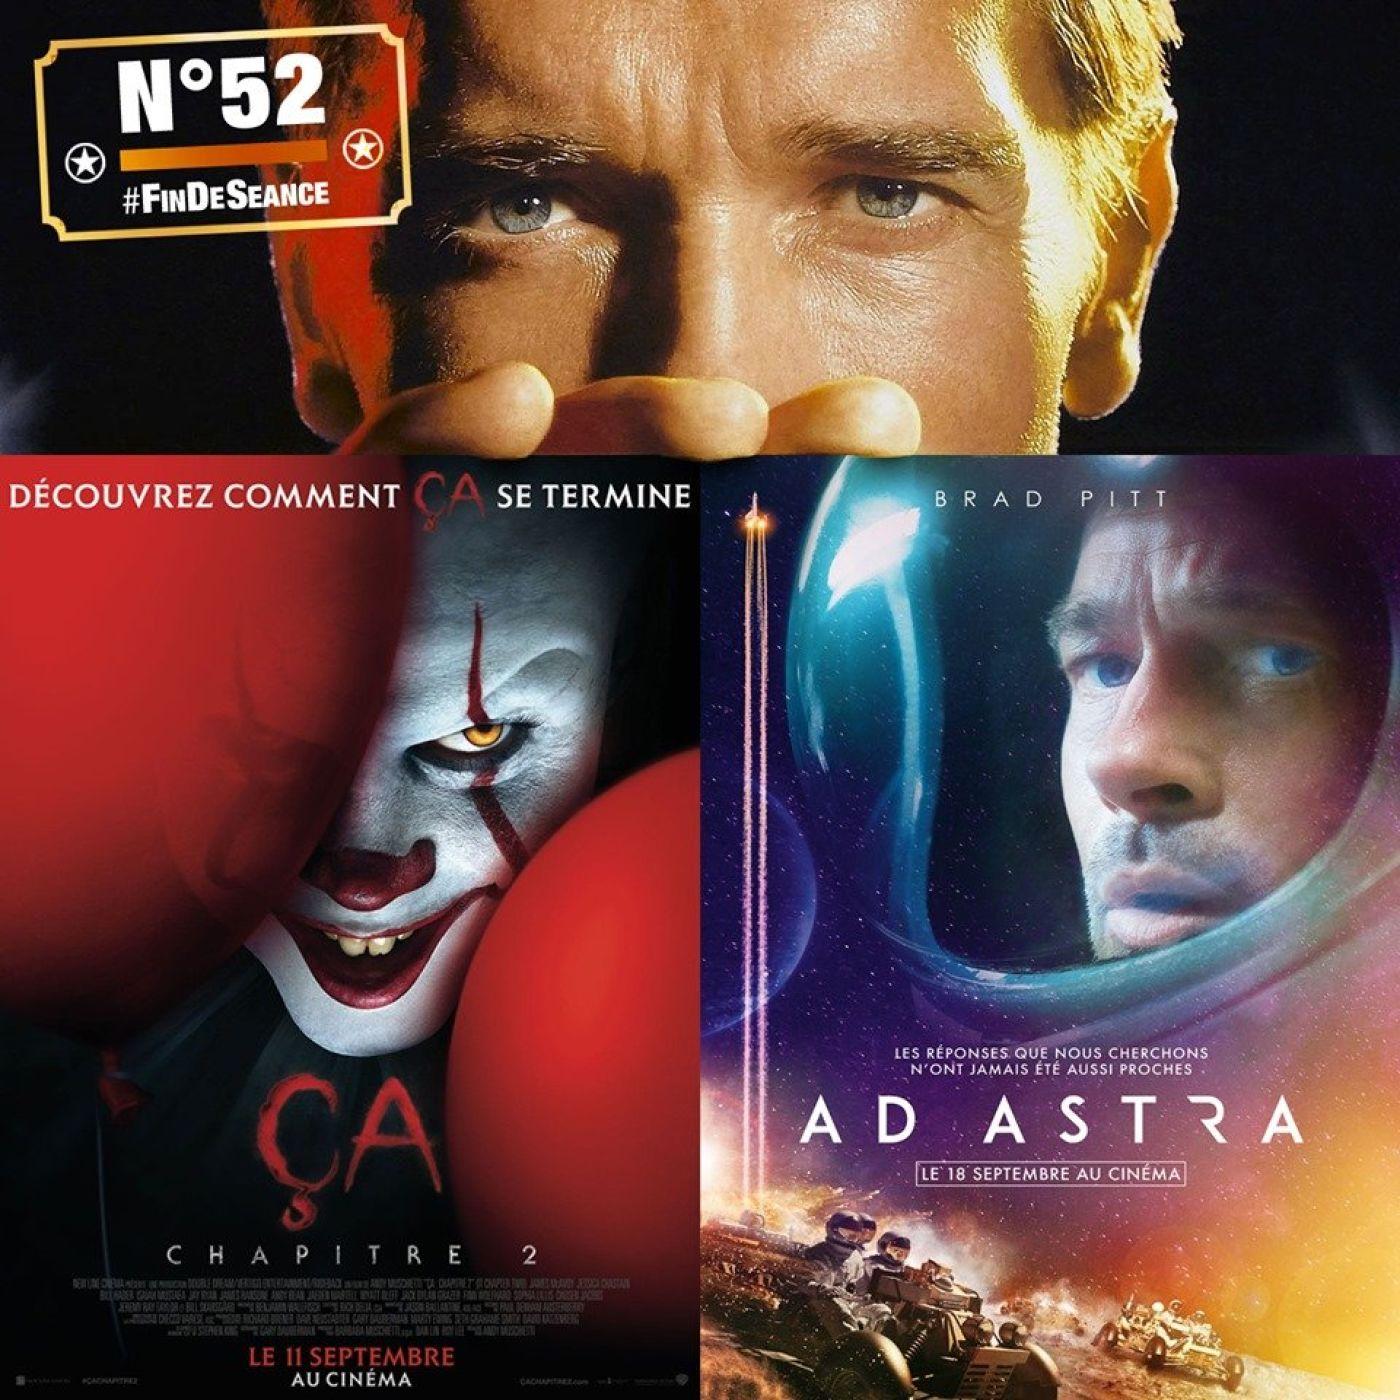 #52 ÇA - CHAPITRE 2 & AD ASTRA : La Piste aux Étoiles !